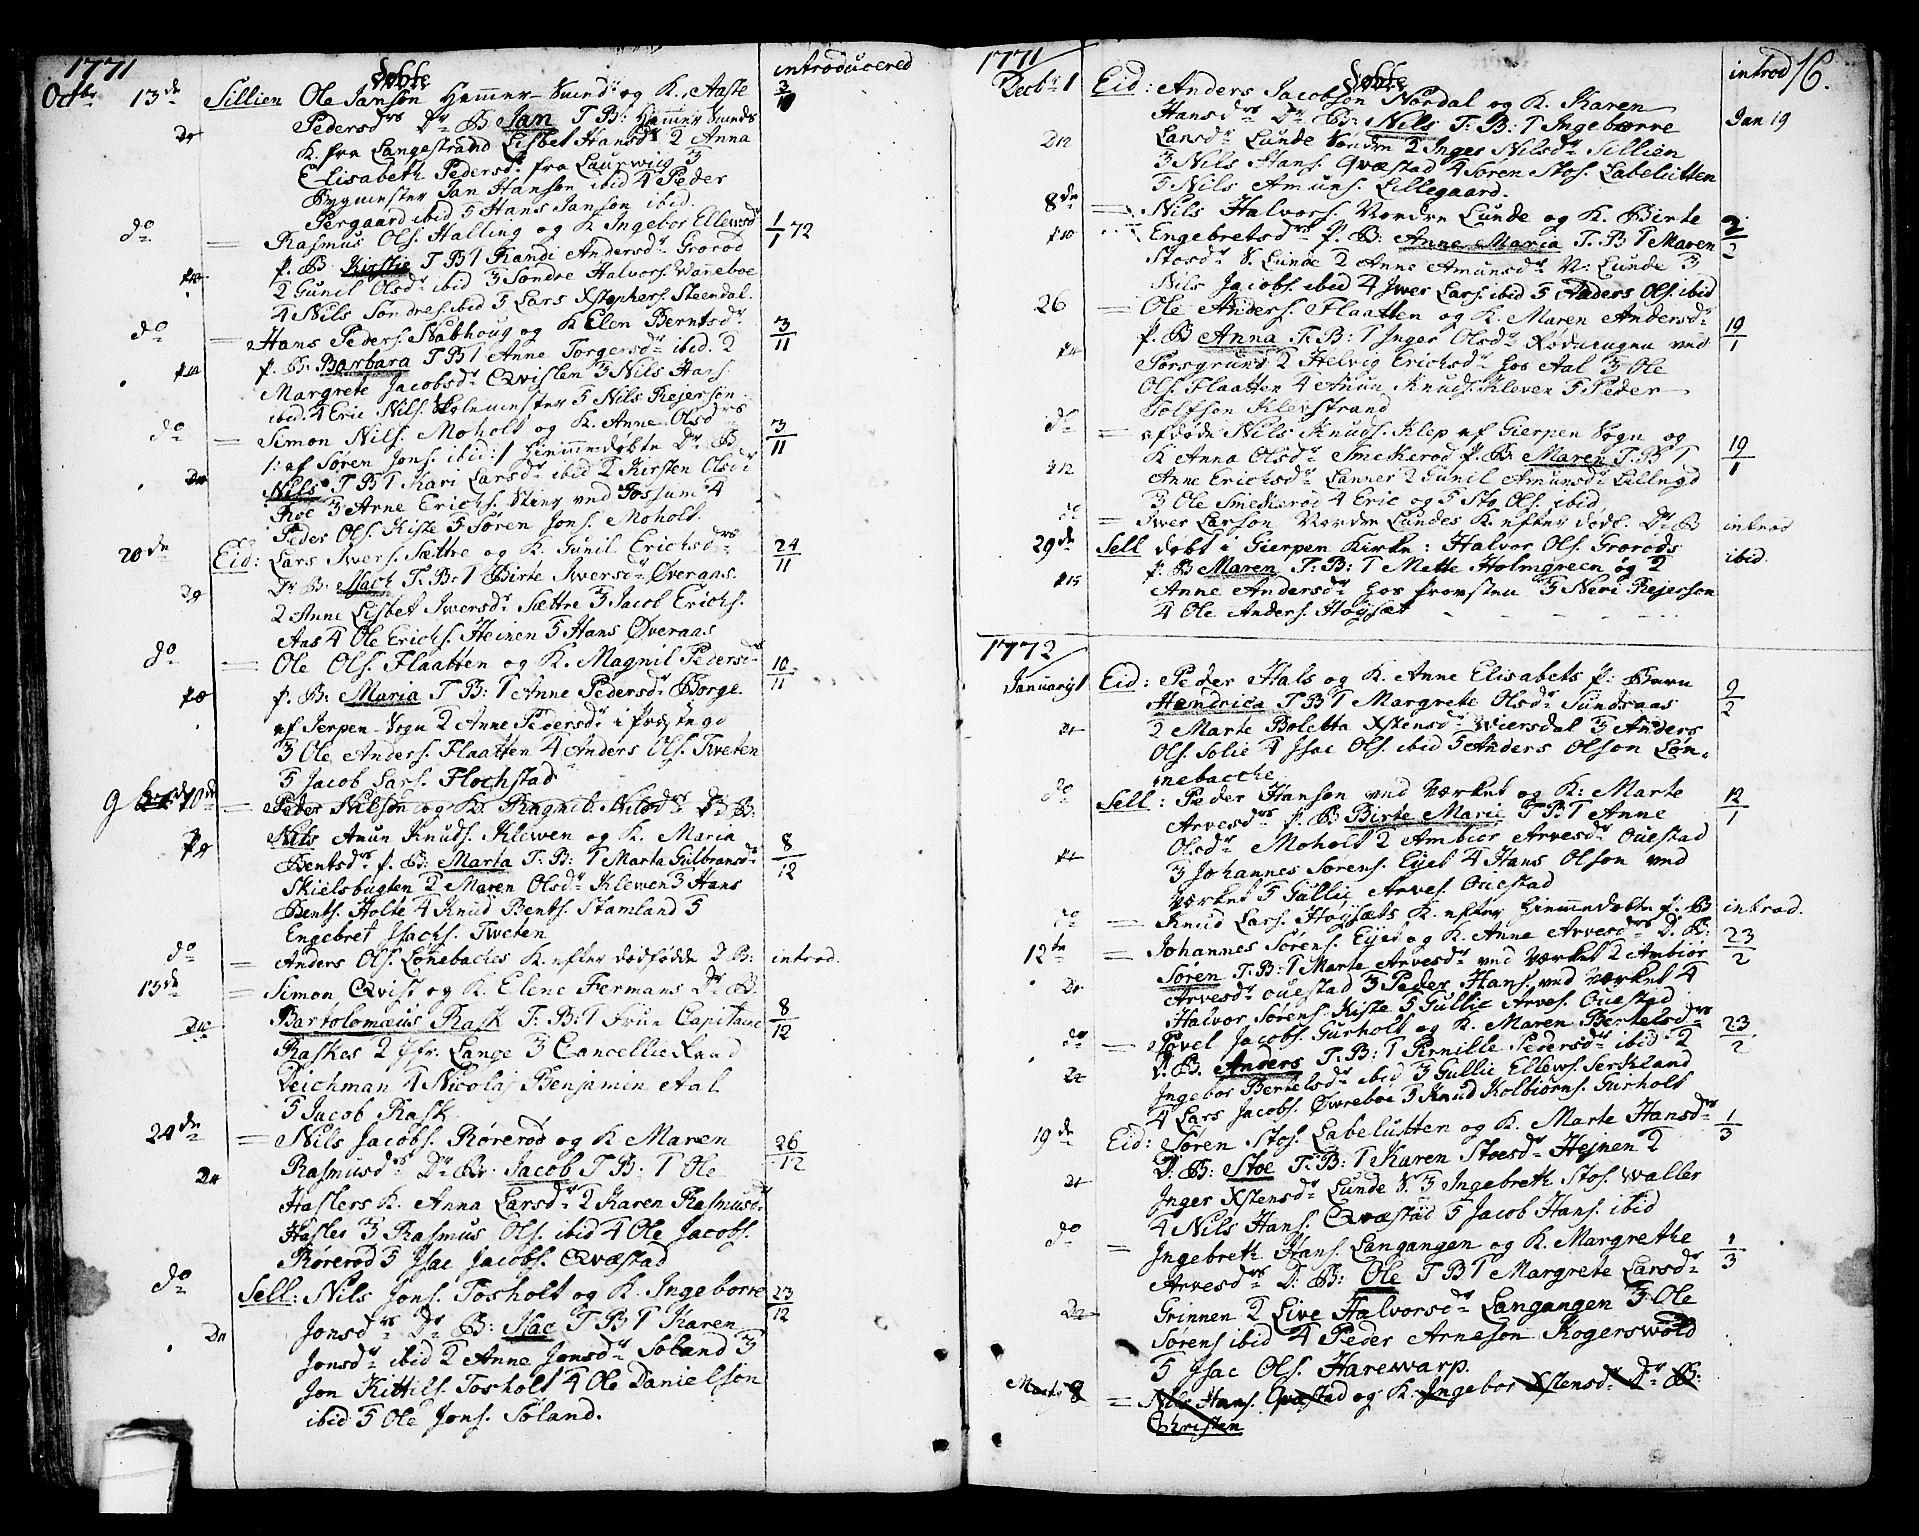 SAKO, Eidanger kirkebøker, F/Fa/L0006: Ministerialbok nr. 6, 1764-1814, s. 16